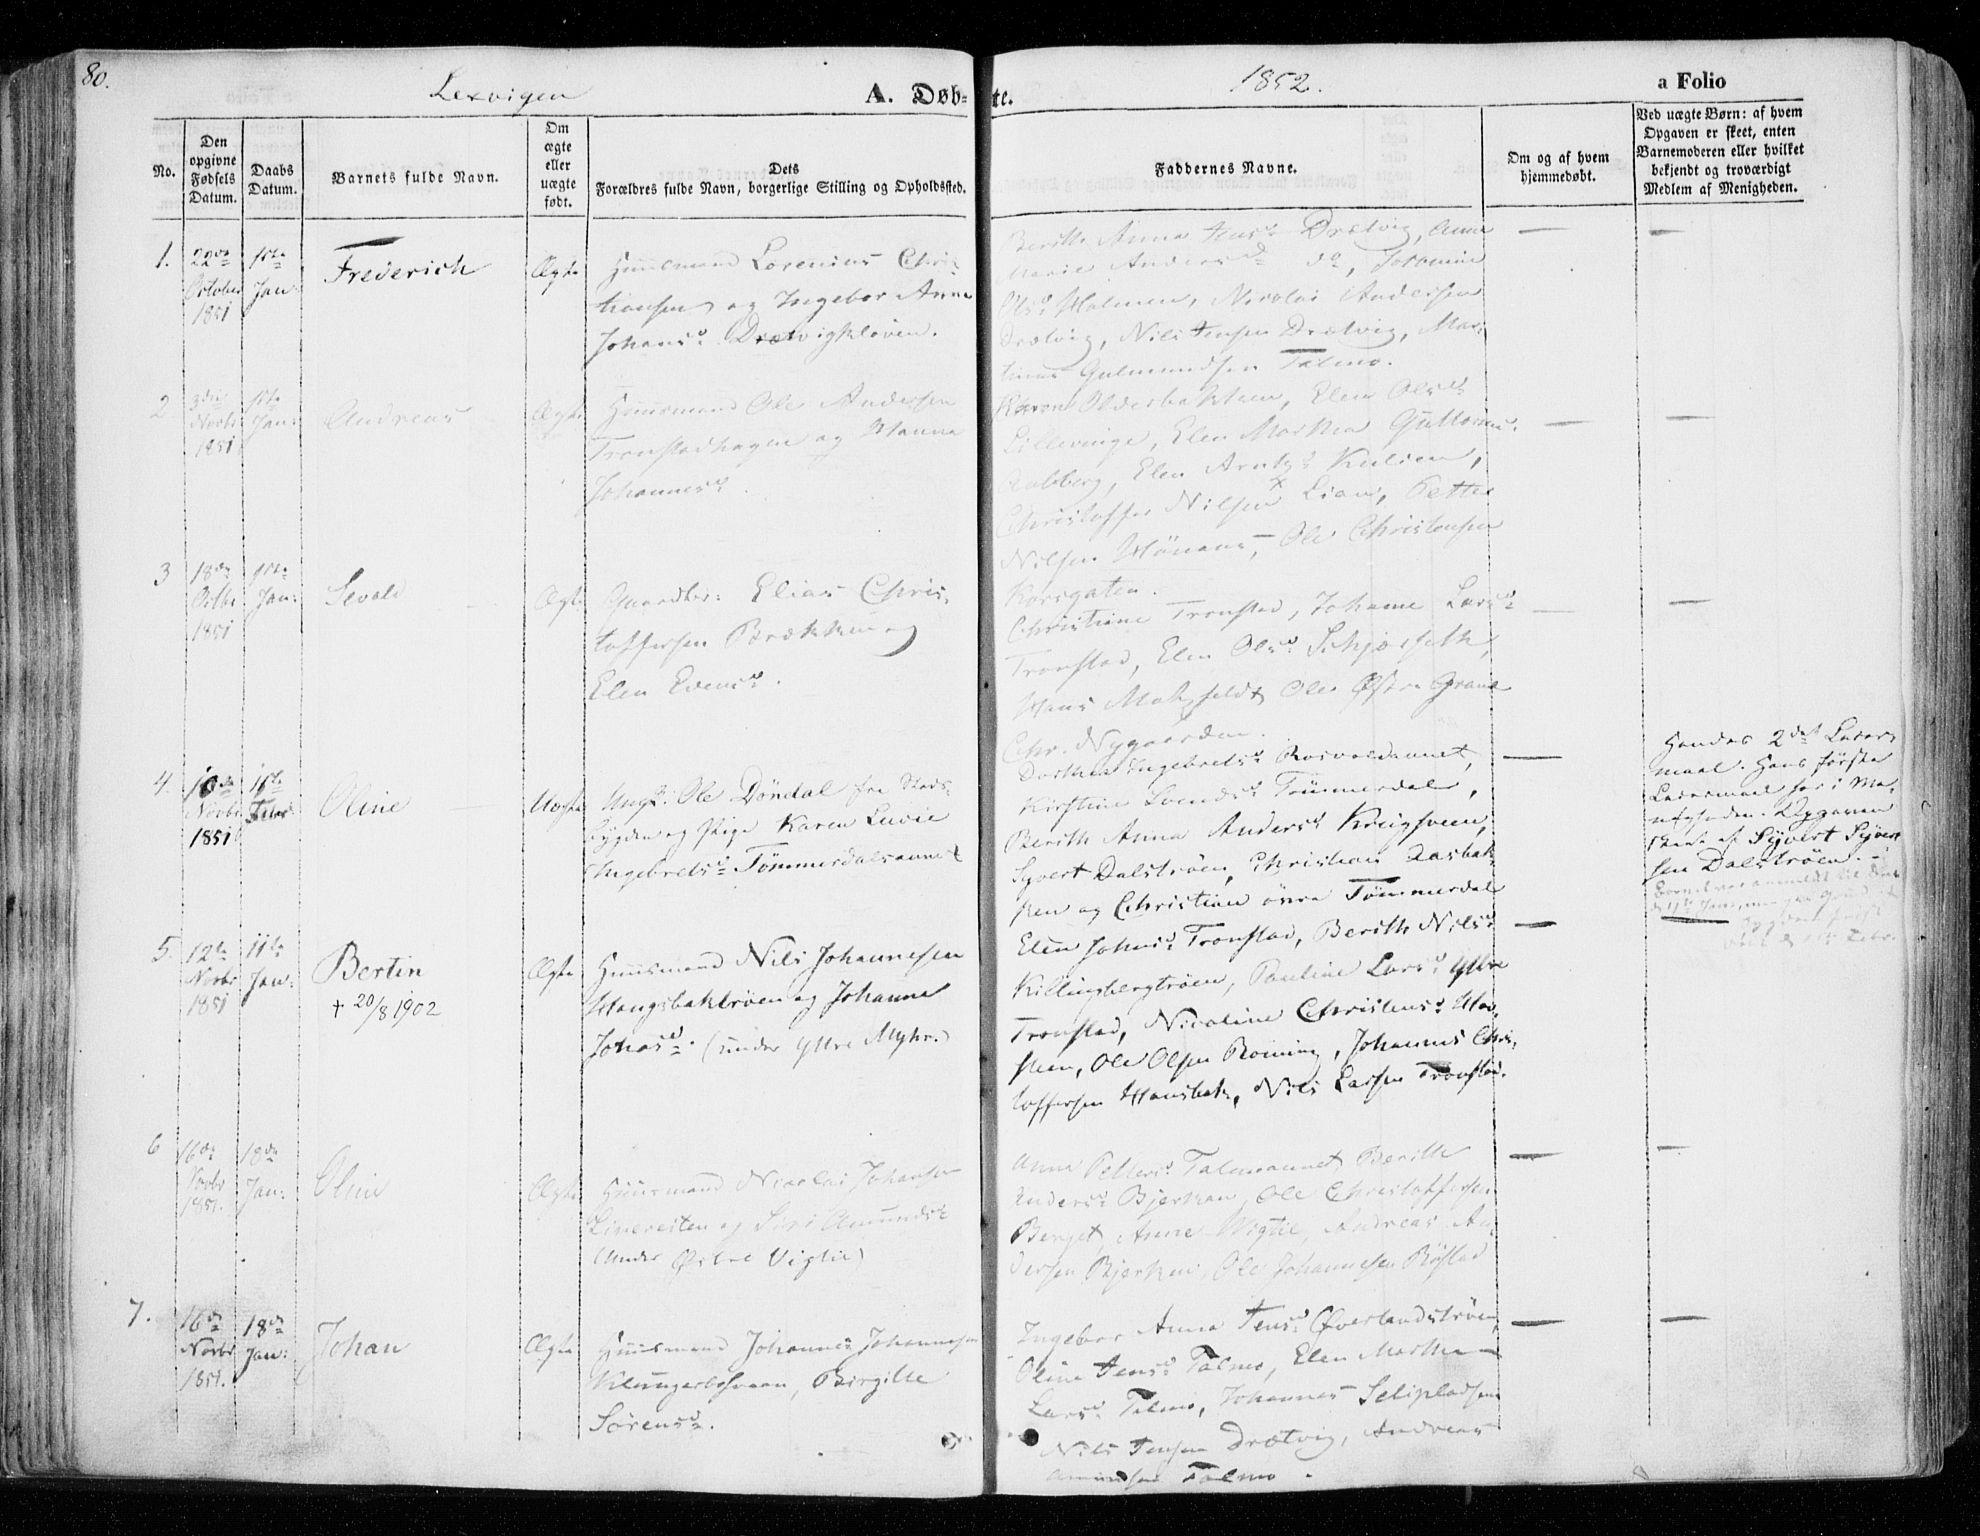 SAT, Ministerialprotokoller, klokkerbøker og fødselsregistre - Nord-Trøndelag, 701/L0007: Ministerialbok nr. 701A07 /1, 1842-1854, s. 80